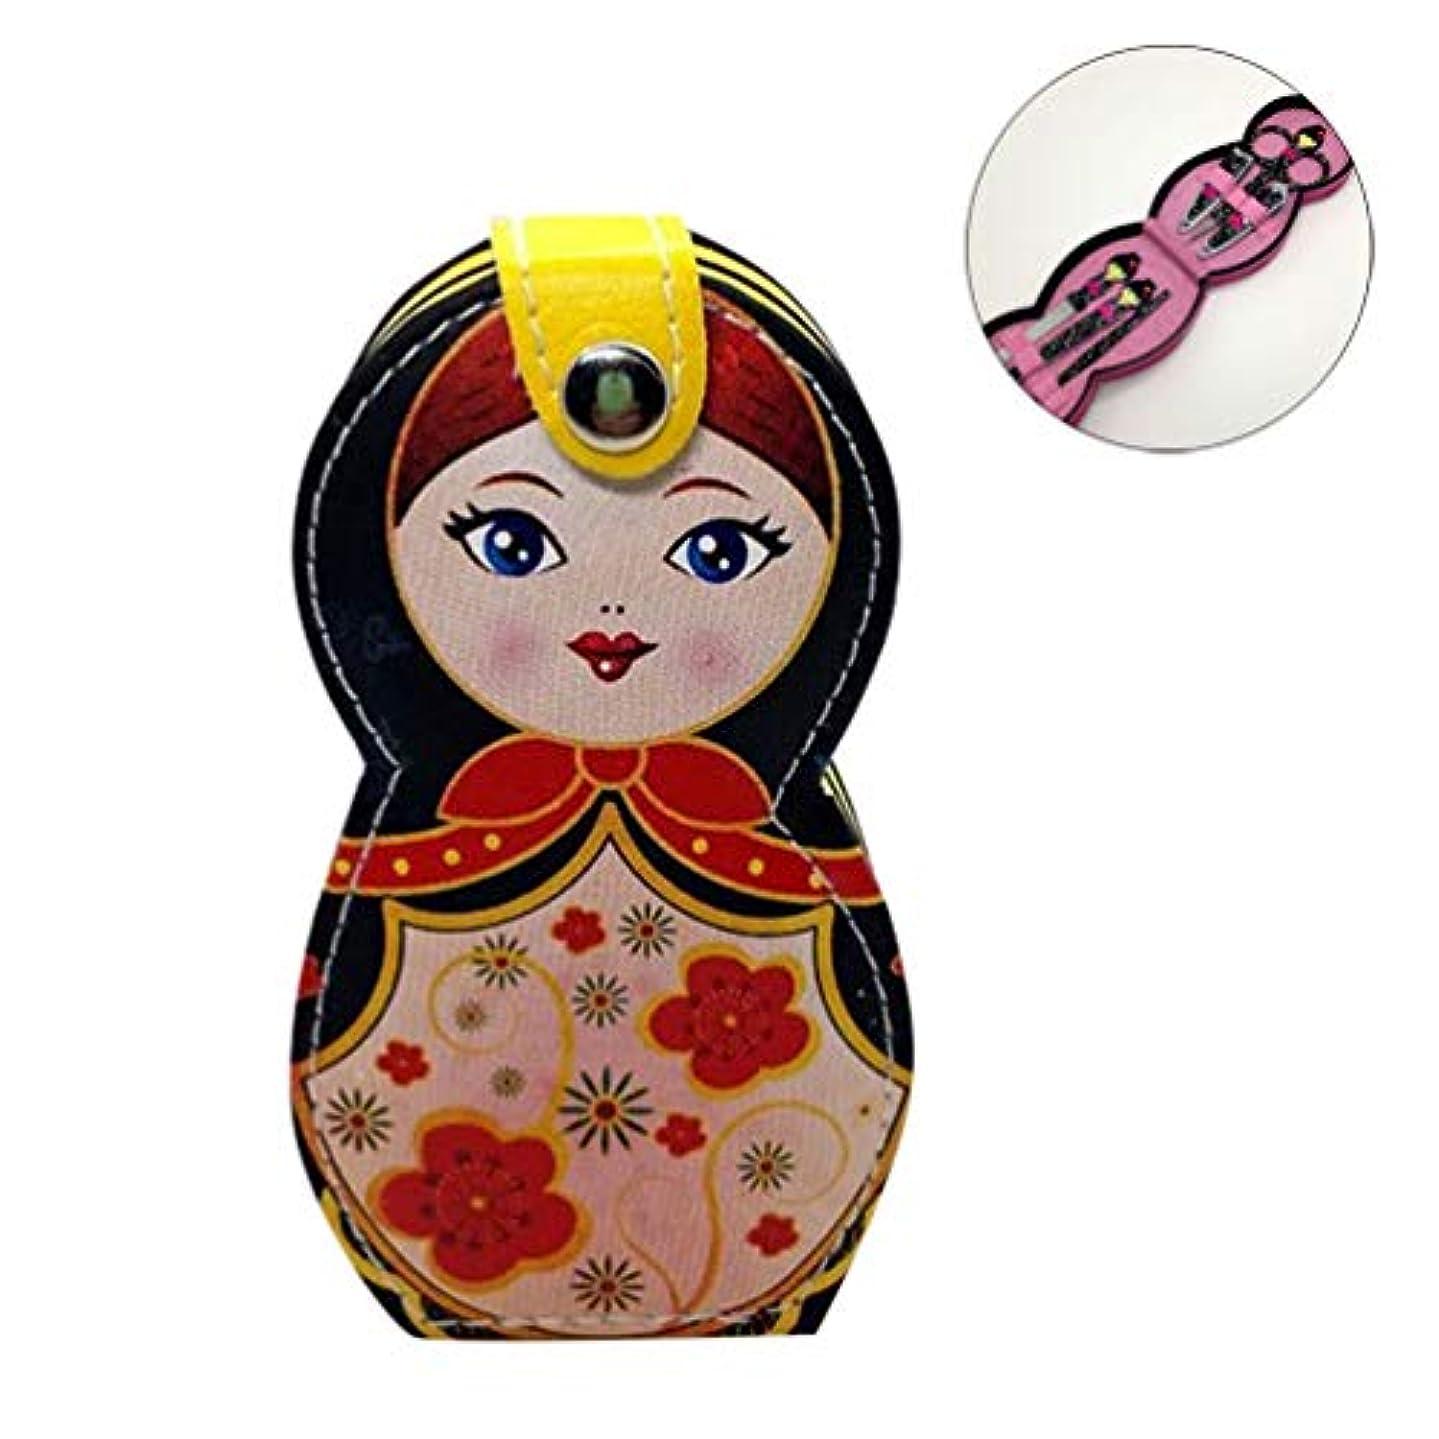 創造とにかく冷淡なHongma ネイルケアセット マニキュアセット 可愛い 日本人形 ロシア人形 グルーミングキット 爪やすり 爪切りセット 携帯便利 収納ケース付き (ロシア人形ブラック)